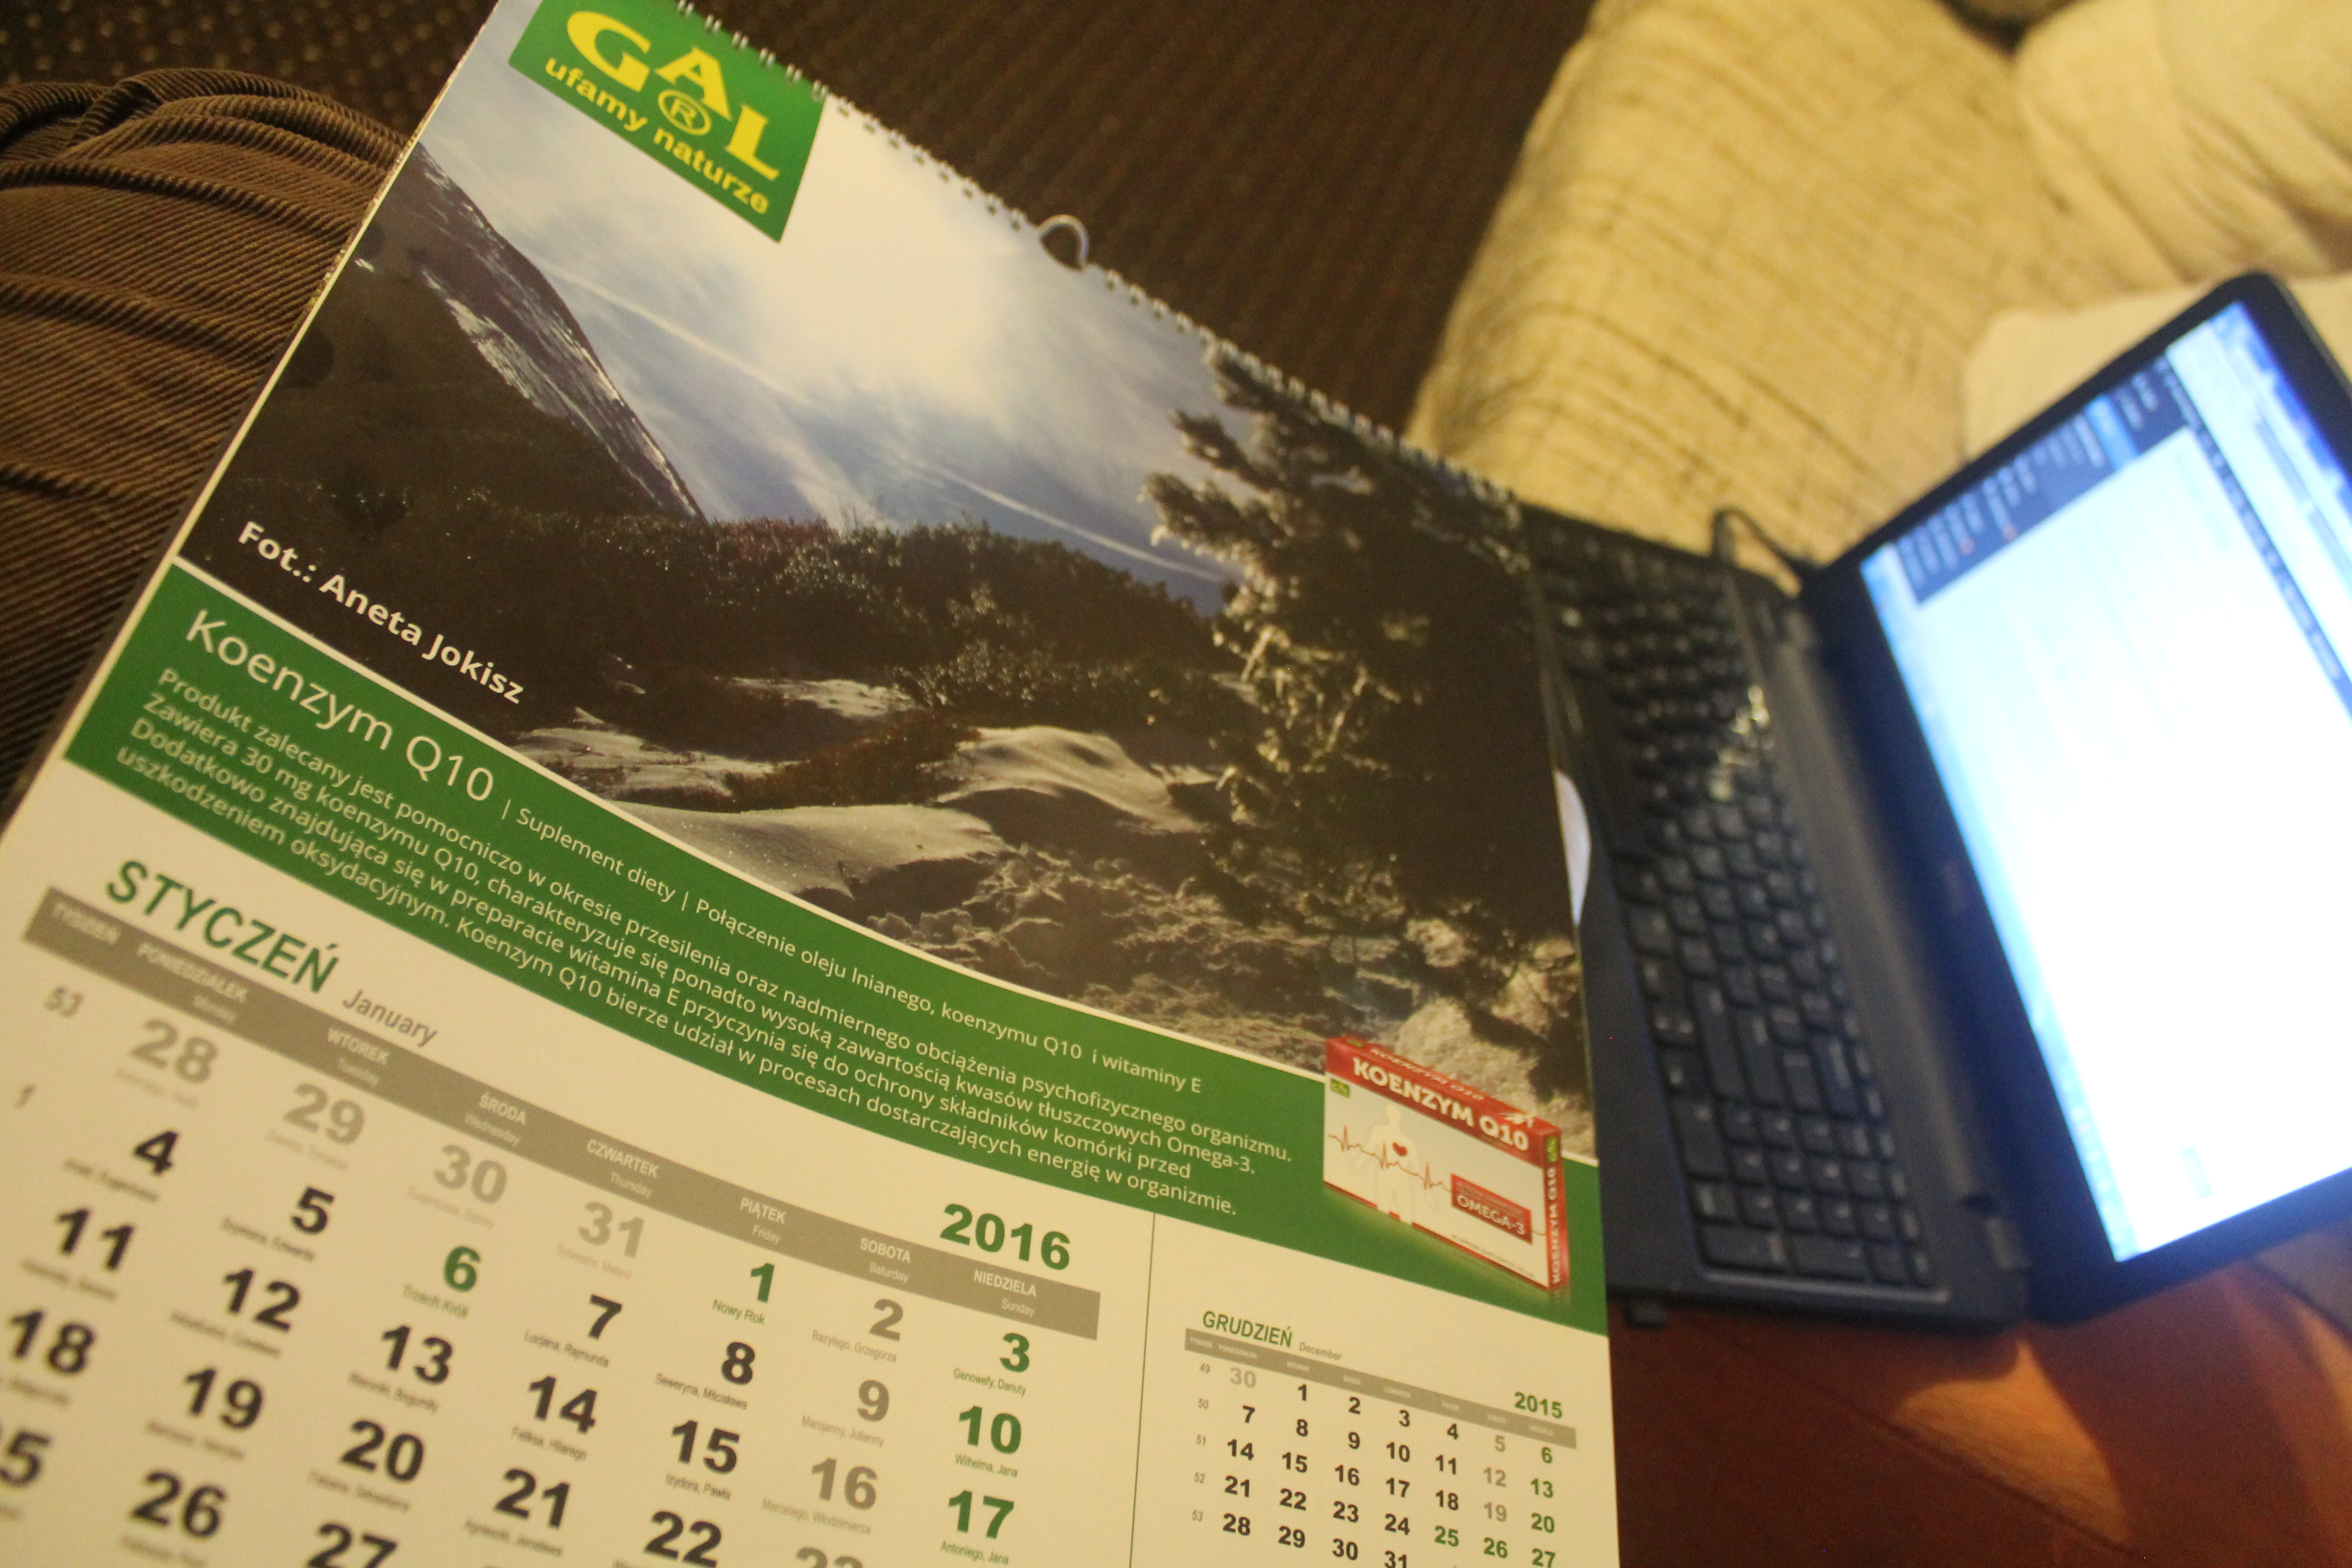 podsumowanie roku 2015 + plany na rok 2016